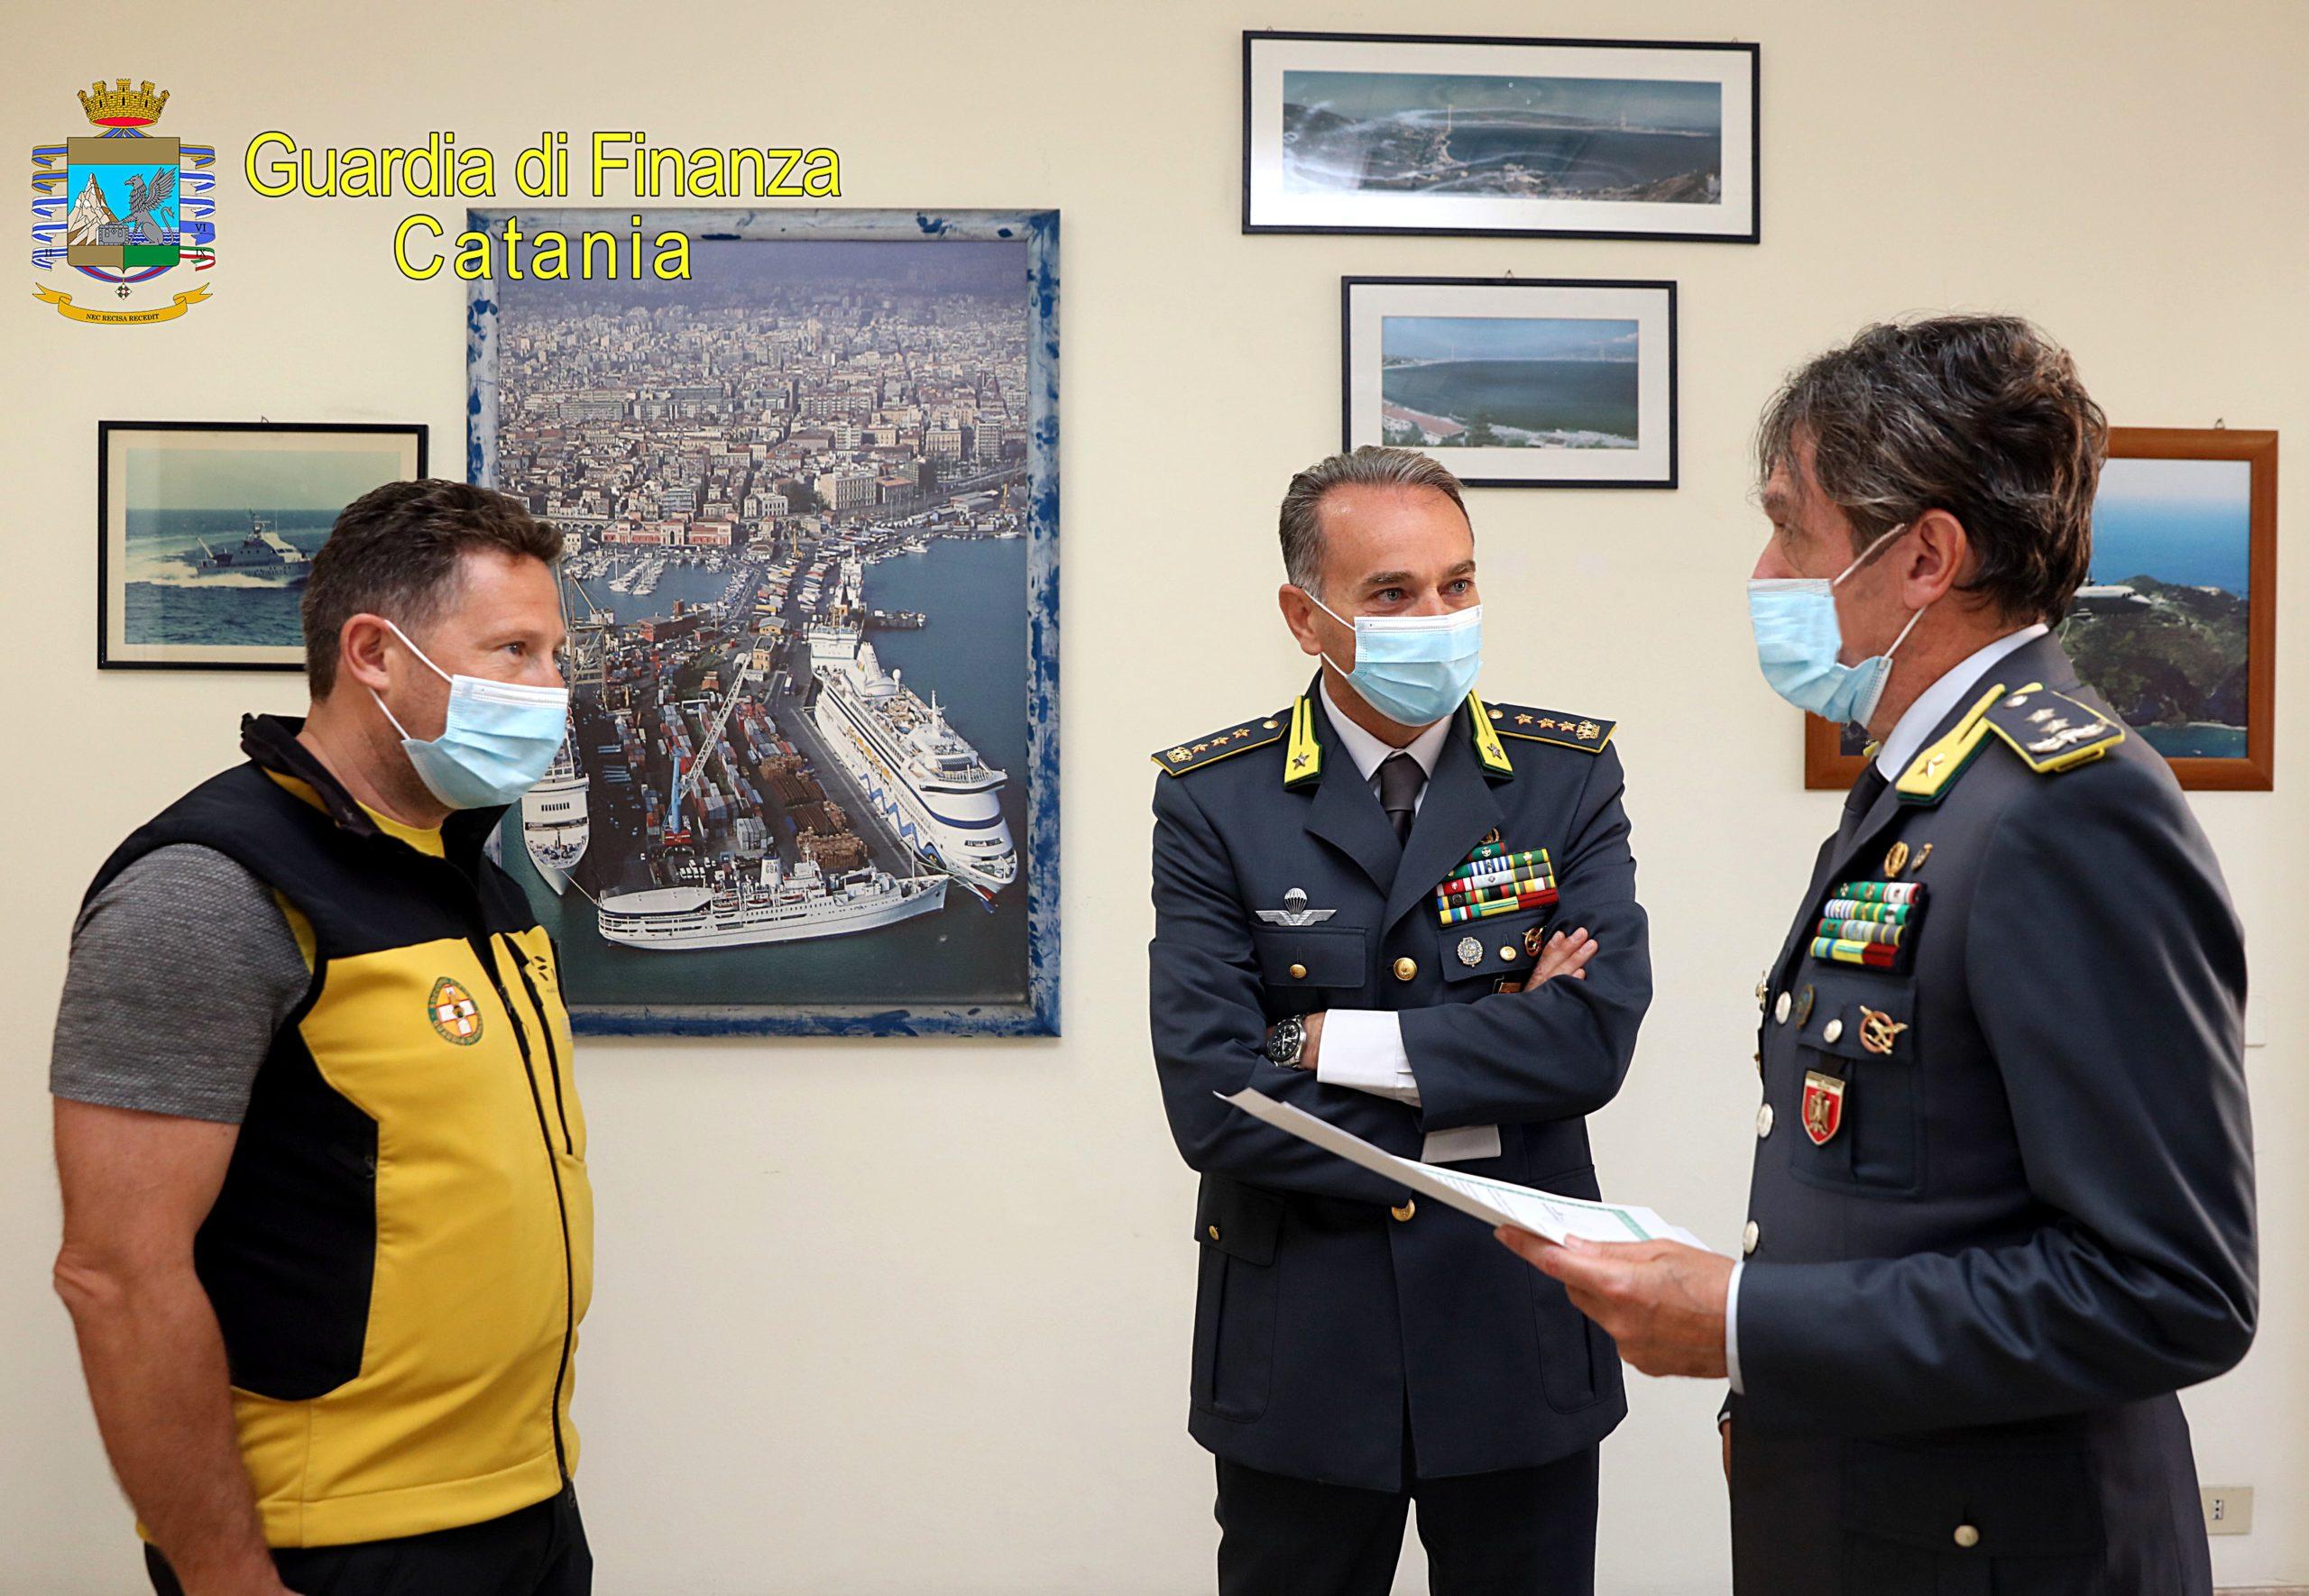 VISITA DEL COMANDANTE REGIONALE SICILIA AL COMANDO PROVINCIALE DELLA GUARDIA DI FINANZA DI CATANIA